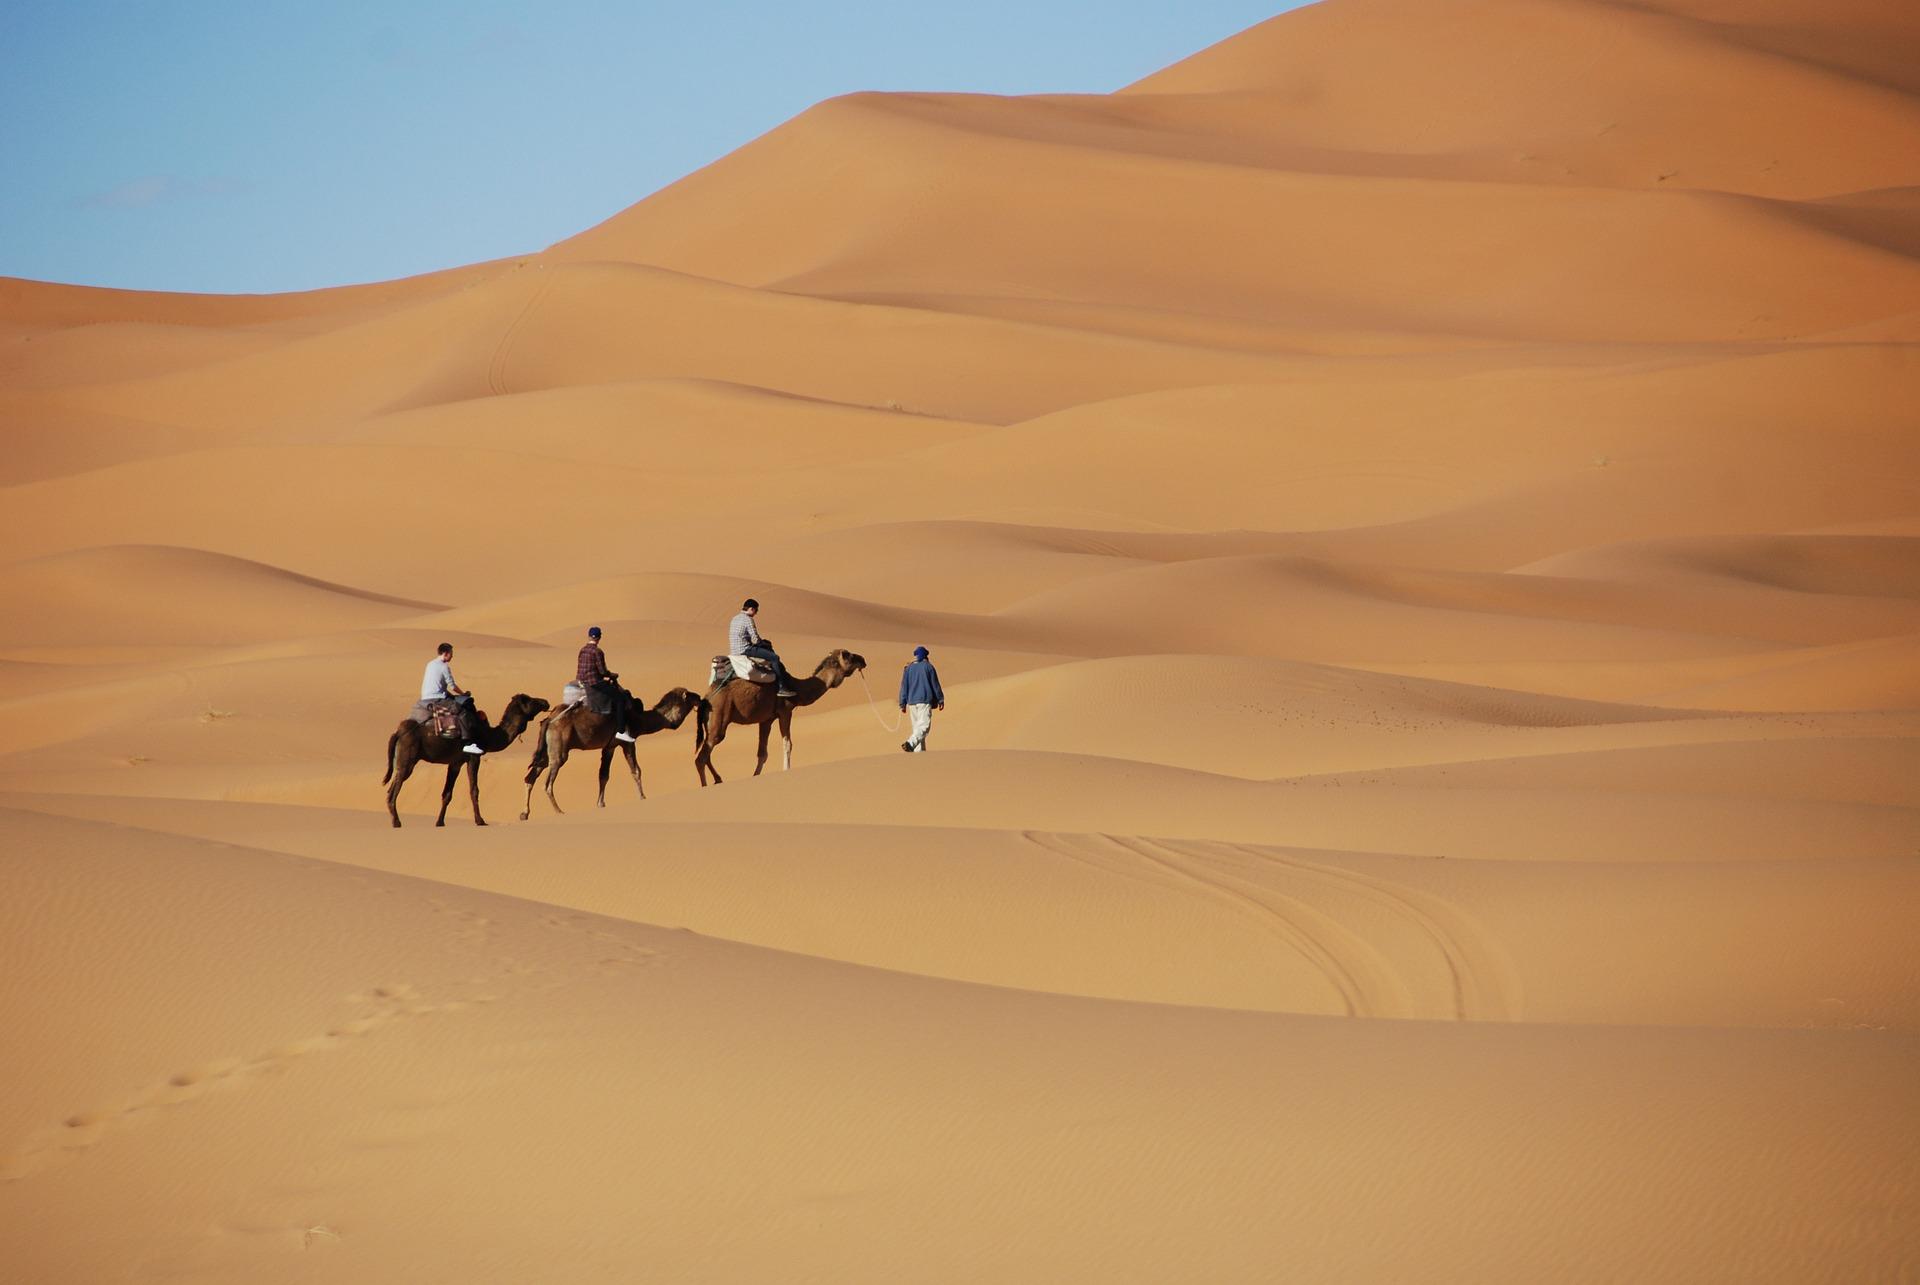 desert-1914052_1920 (1)